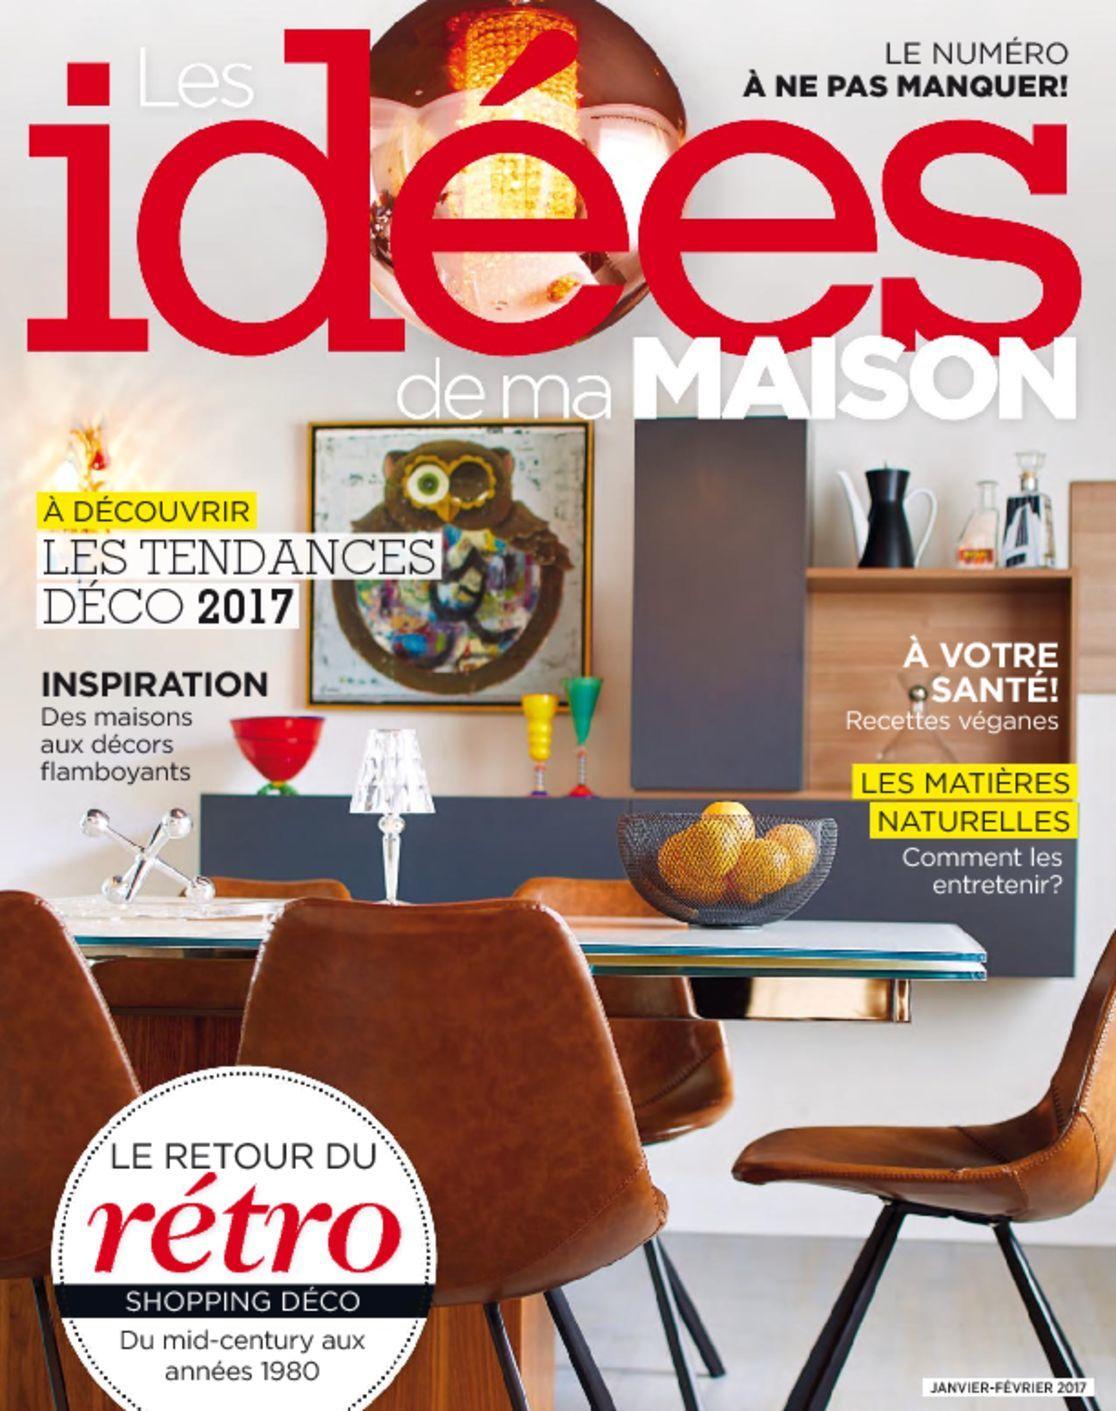 Les id es de ma maison digital magazine for Idees de ma maison magazine